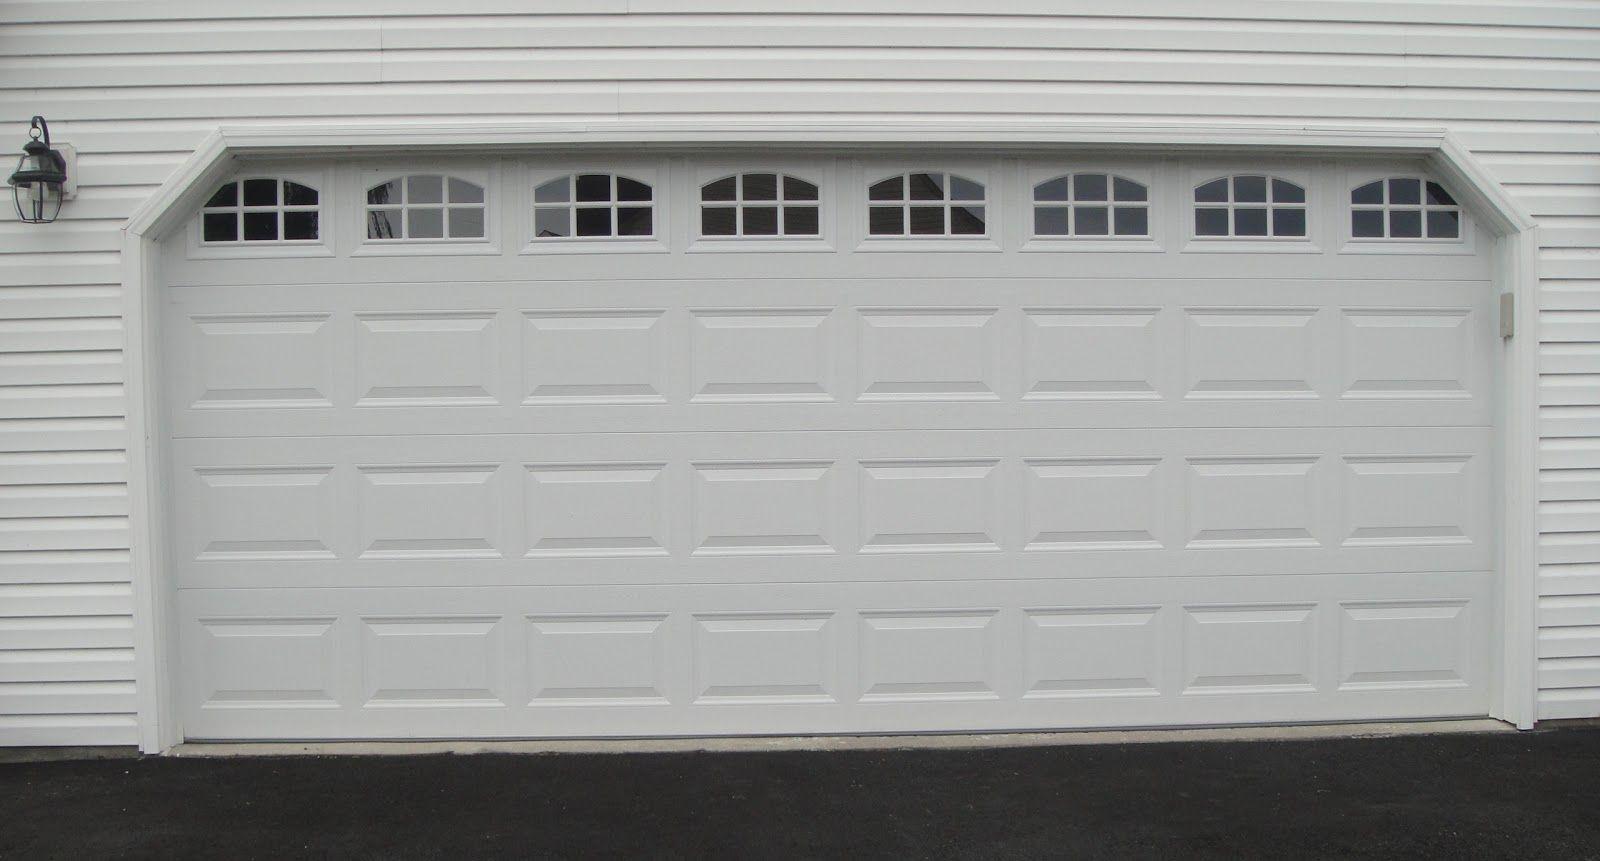 9 foot garage door16 X 9 Garage Door  httpwwwnauraroomcom16x9garagedoor